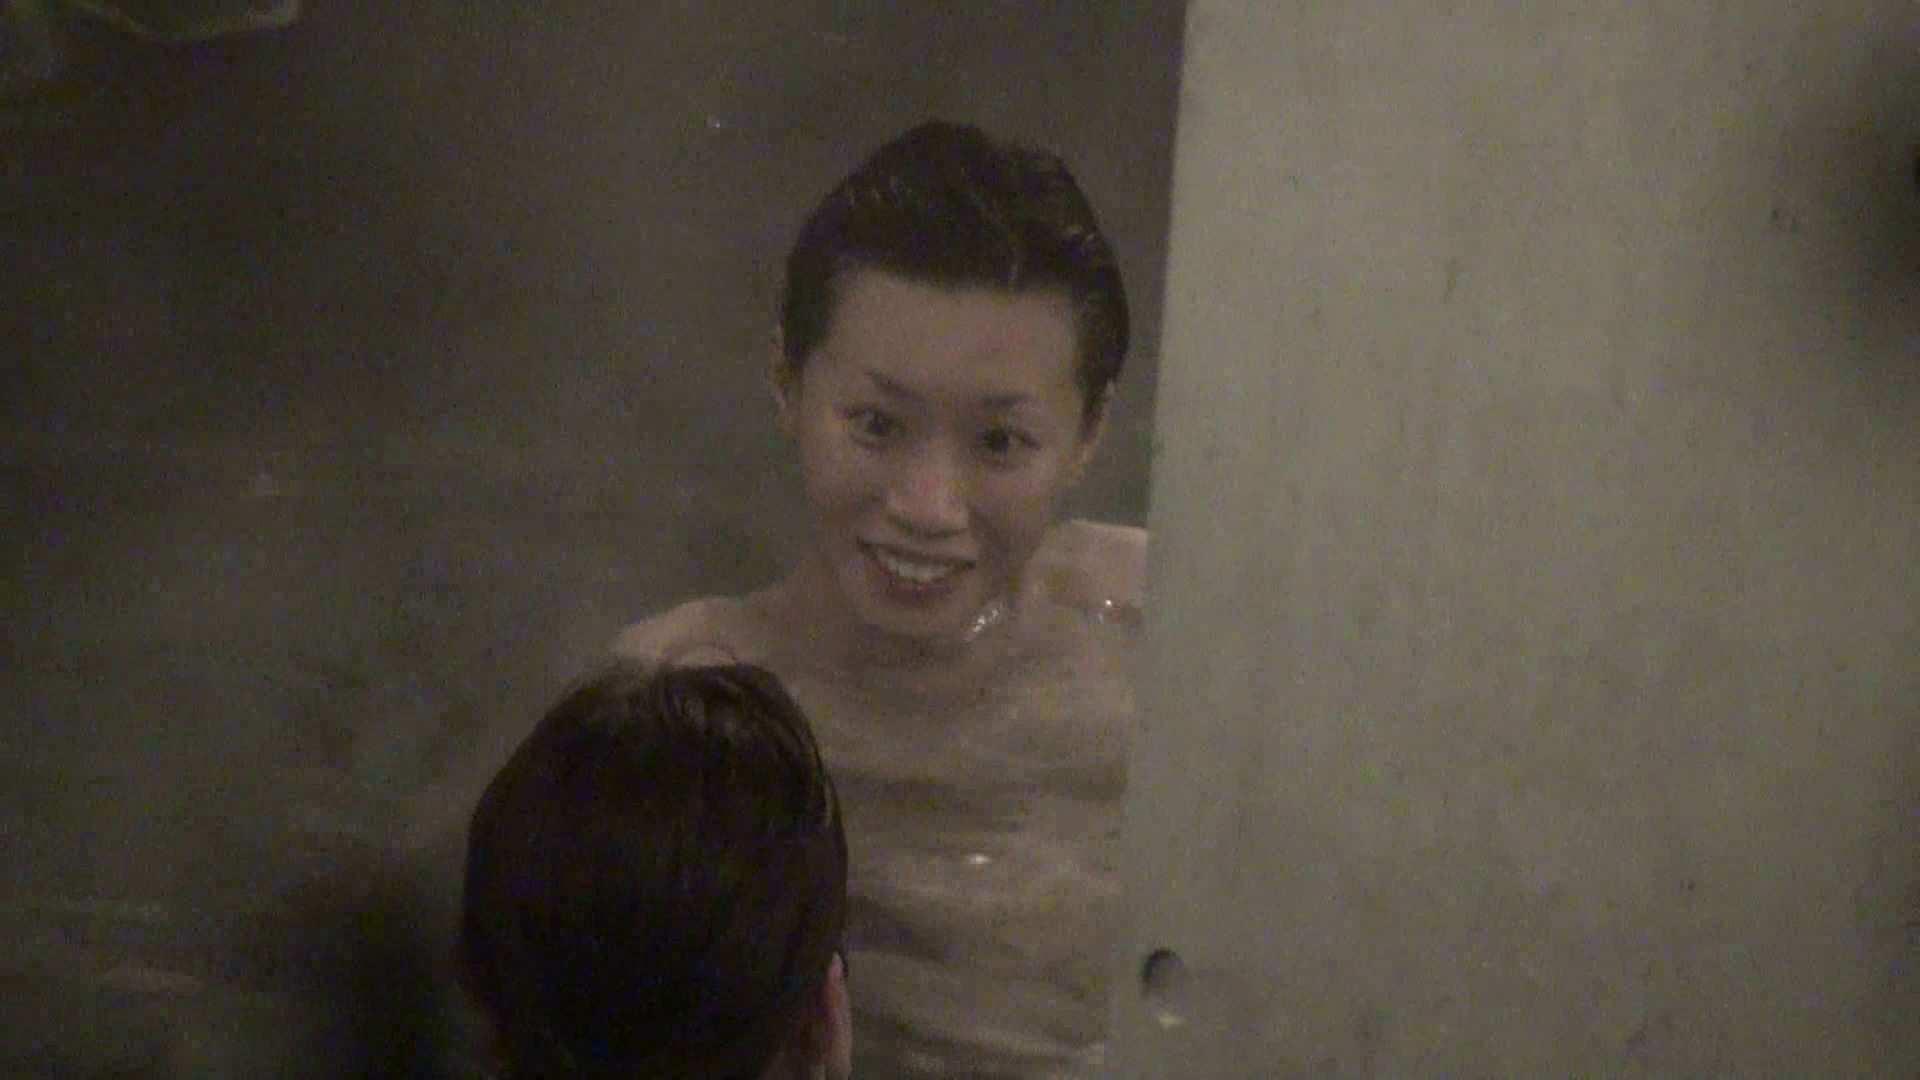 Aquaな露天風呂Vol.429 露天風呂  10枚 2